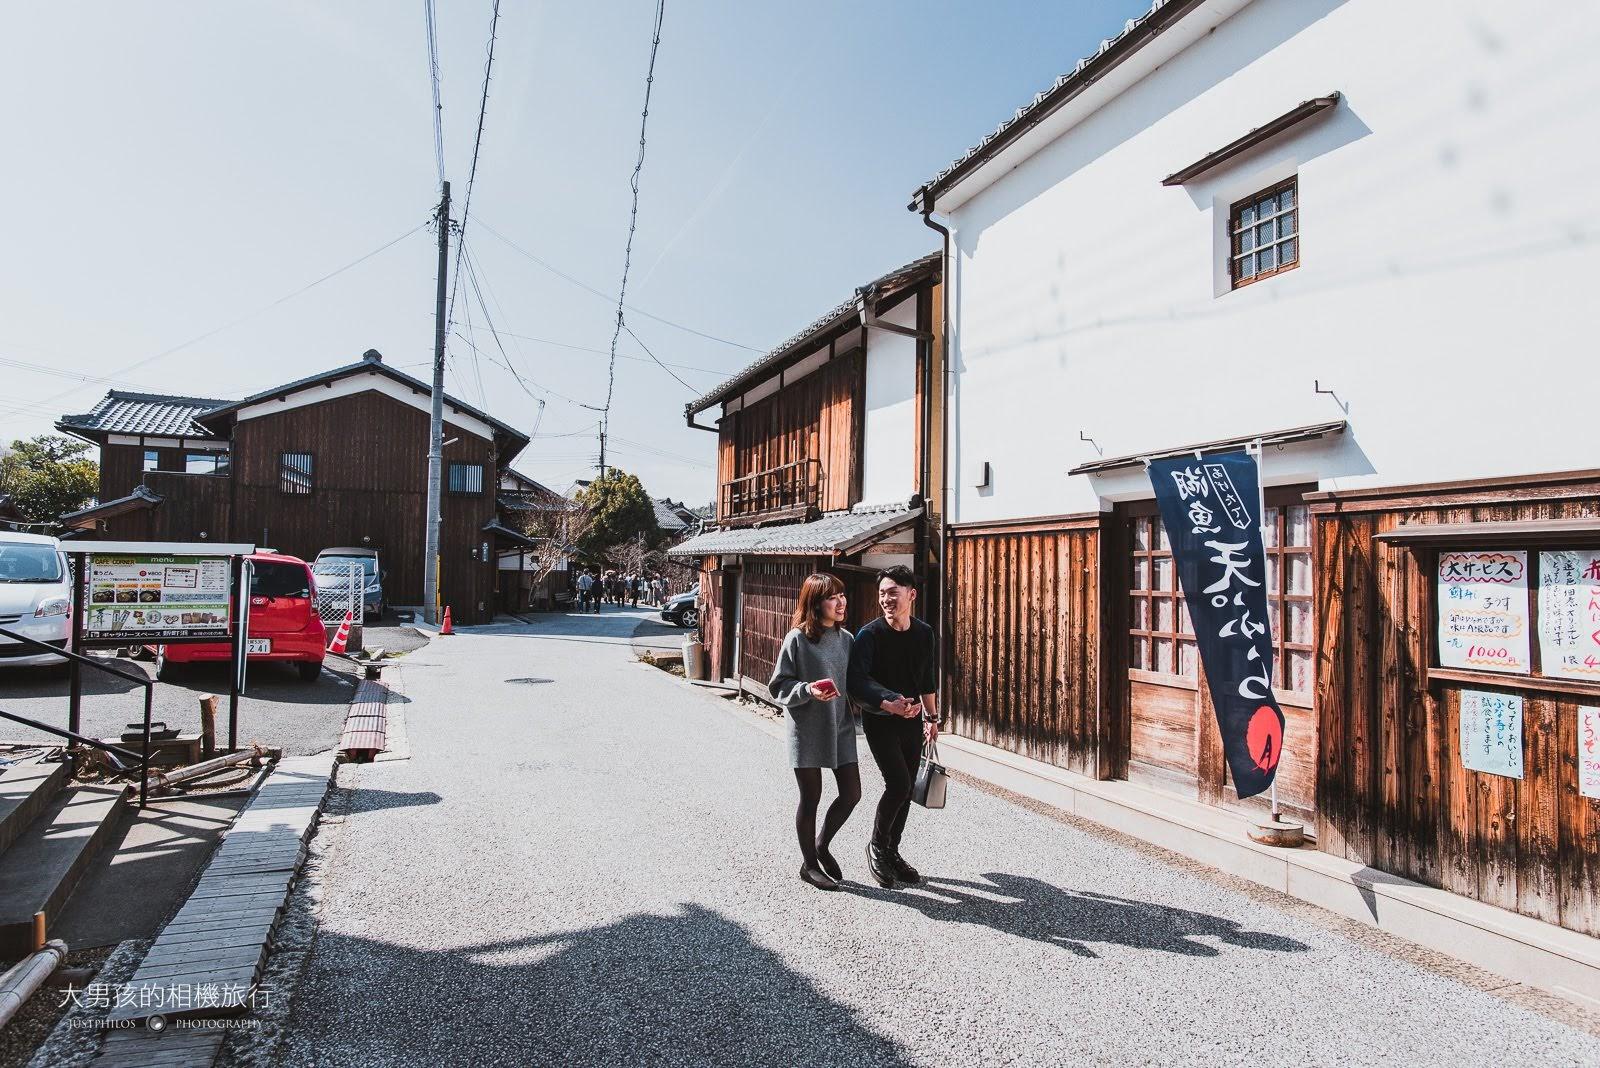 兩旁的日式古屋則是商業區與住宅區,有一些不錯的小店記得來晃晃。